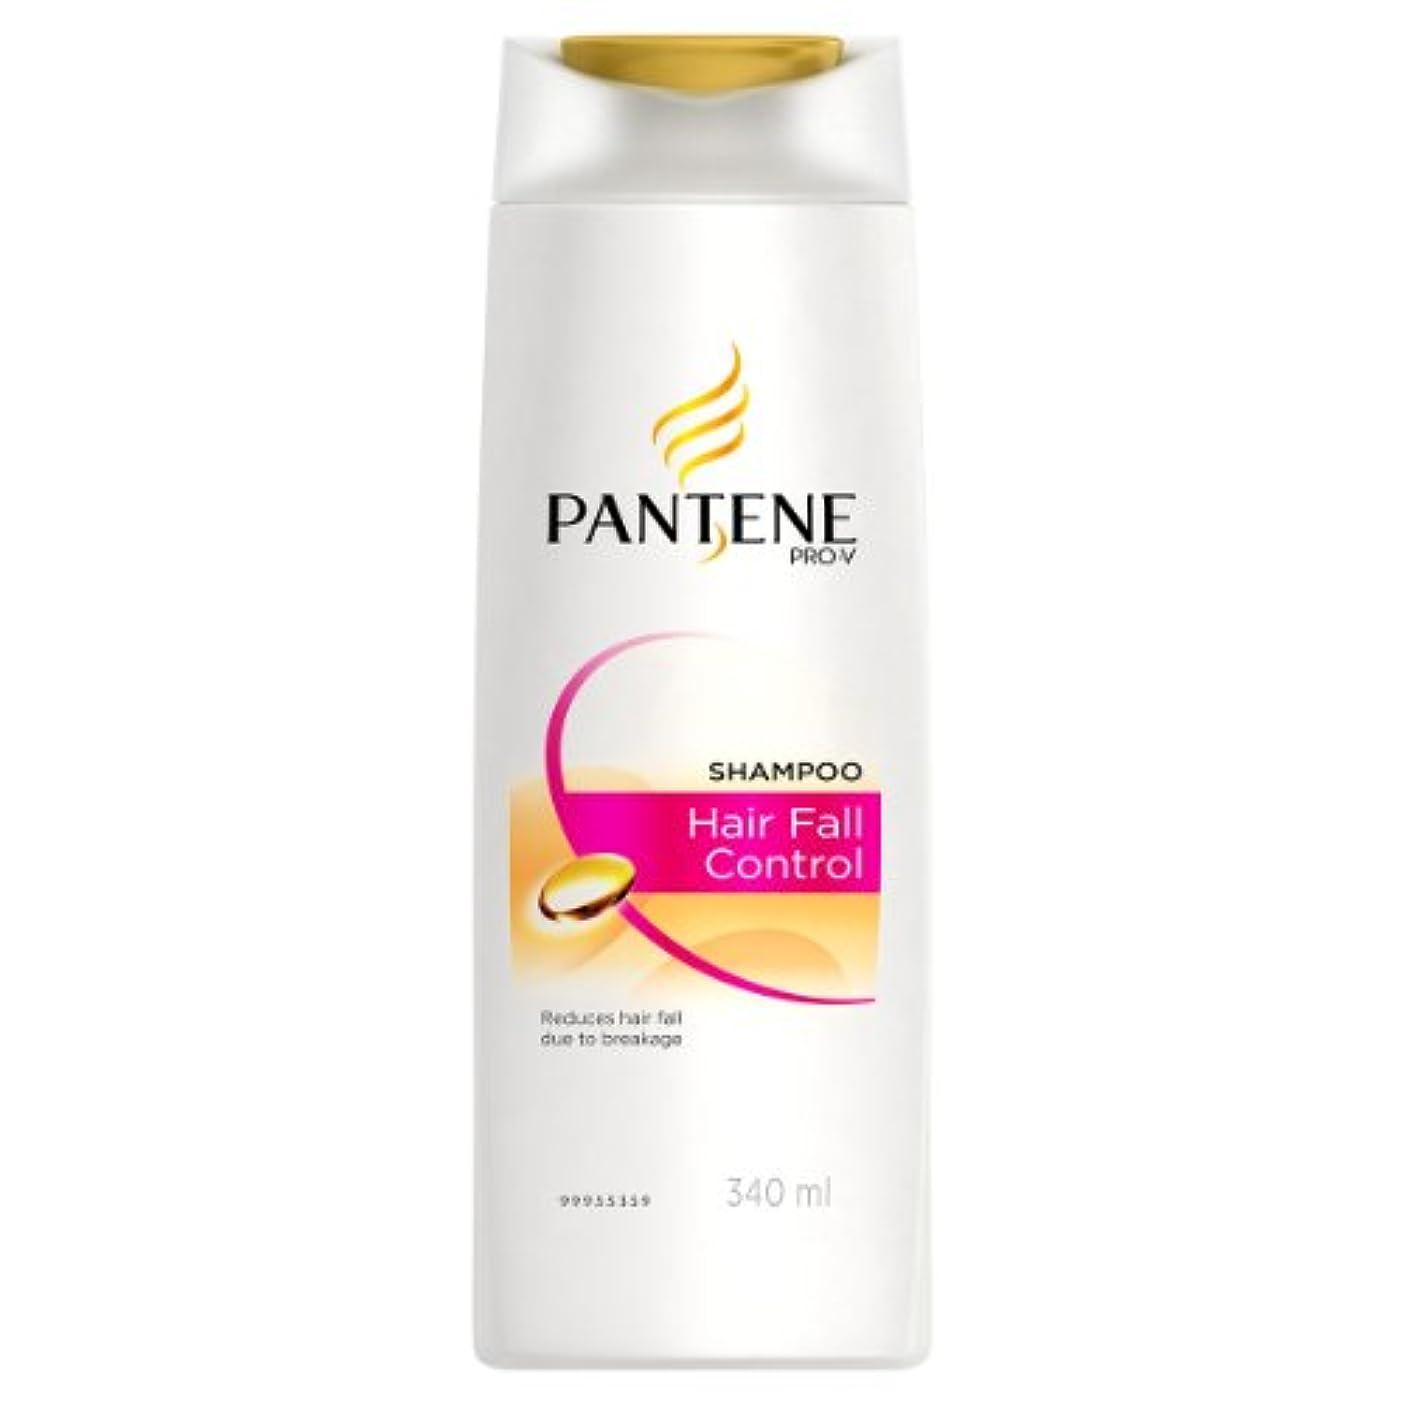 クリスマスファブリックカバレッジPANTENE Hair Fall control SHAMPOO 340 ml (PANTENEヘアフォールコントロールシャンプー340ml)